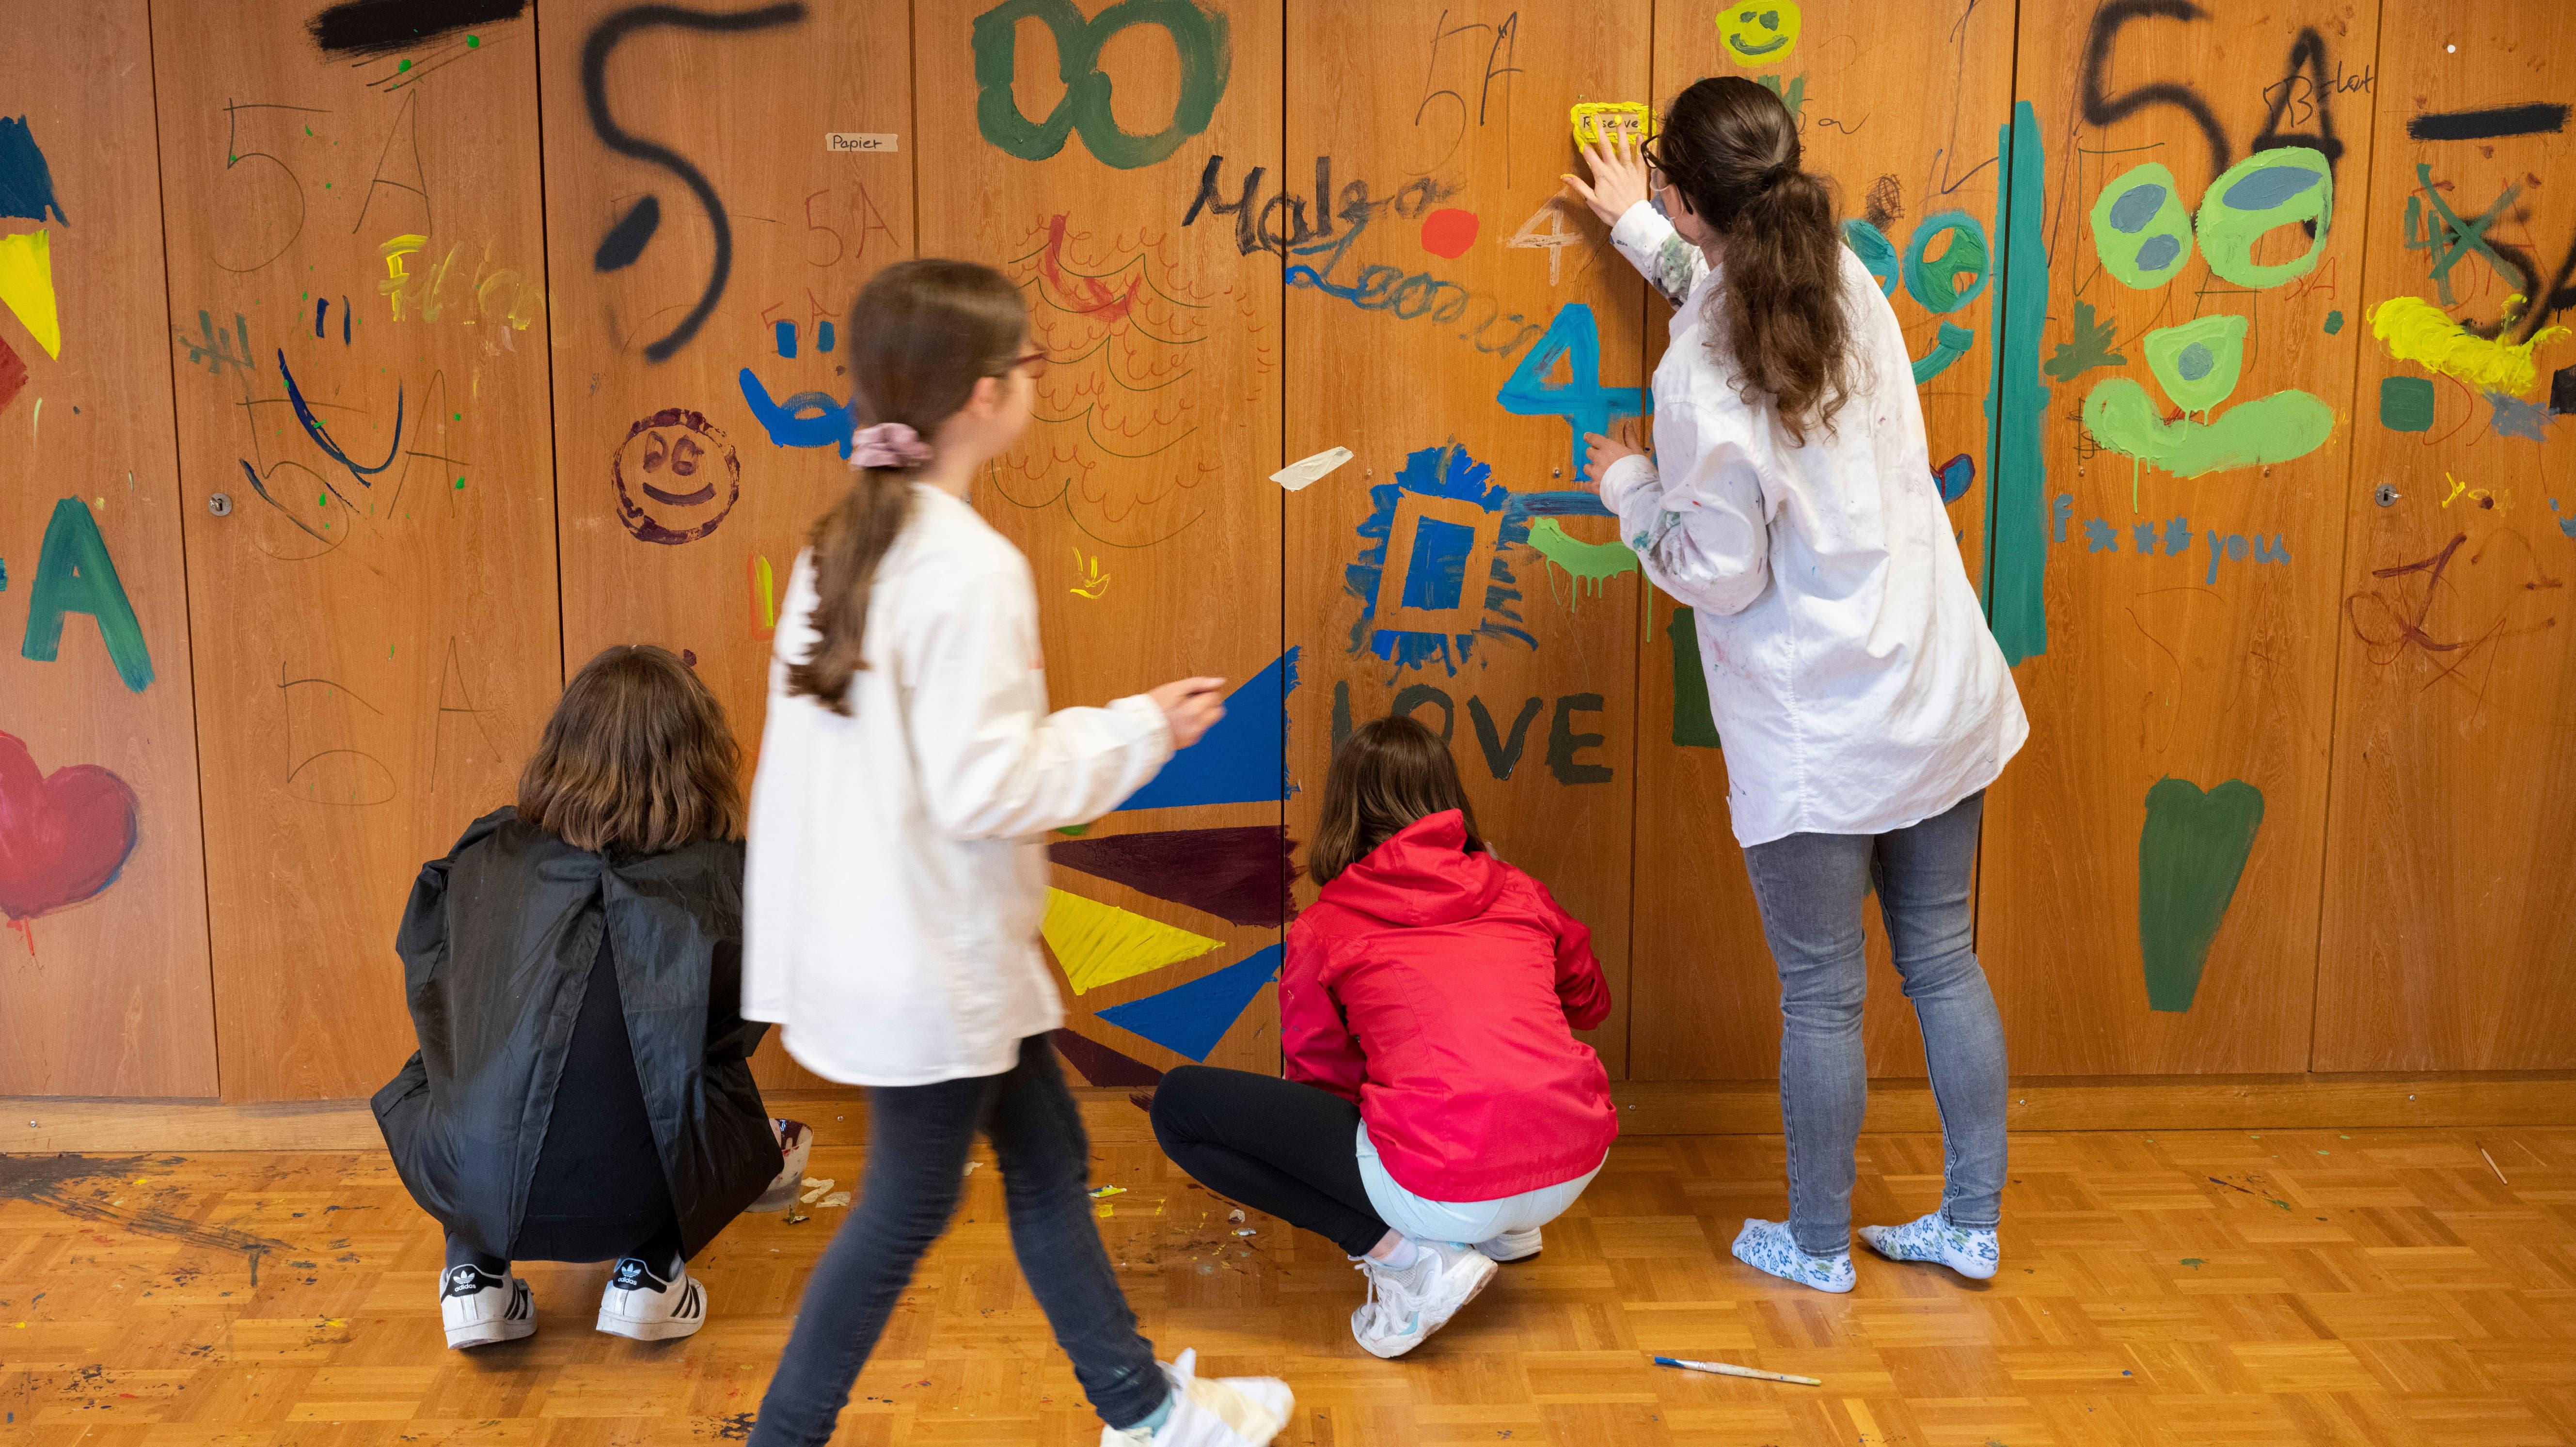 Die Lehrpersonen unterstützen ihre Schüler, aber in der Umsetzung sind die Kinder völlig frei.